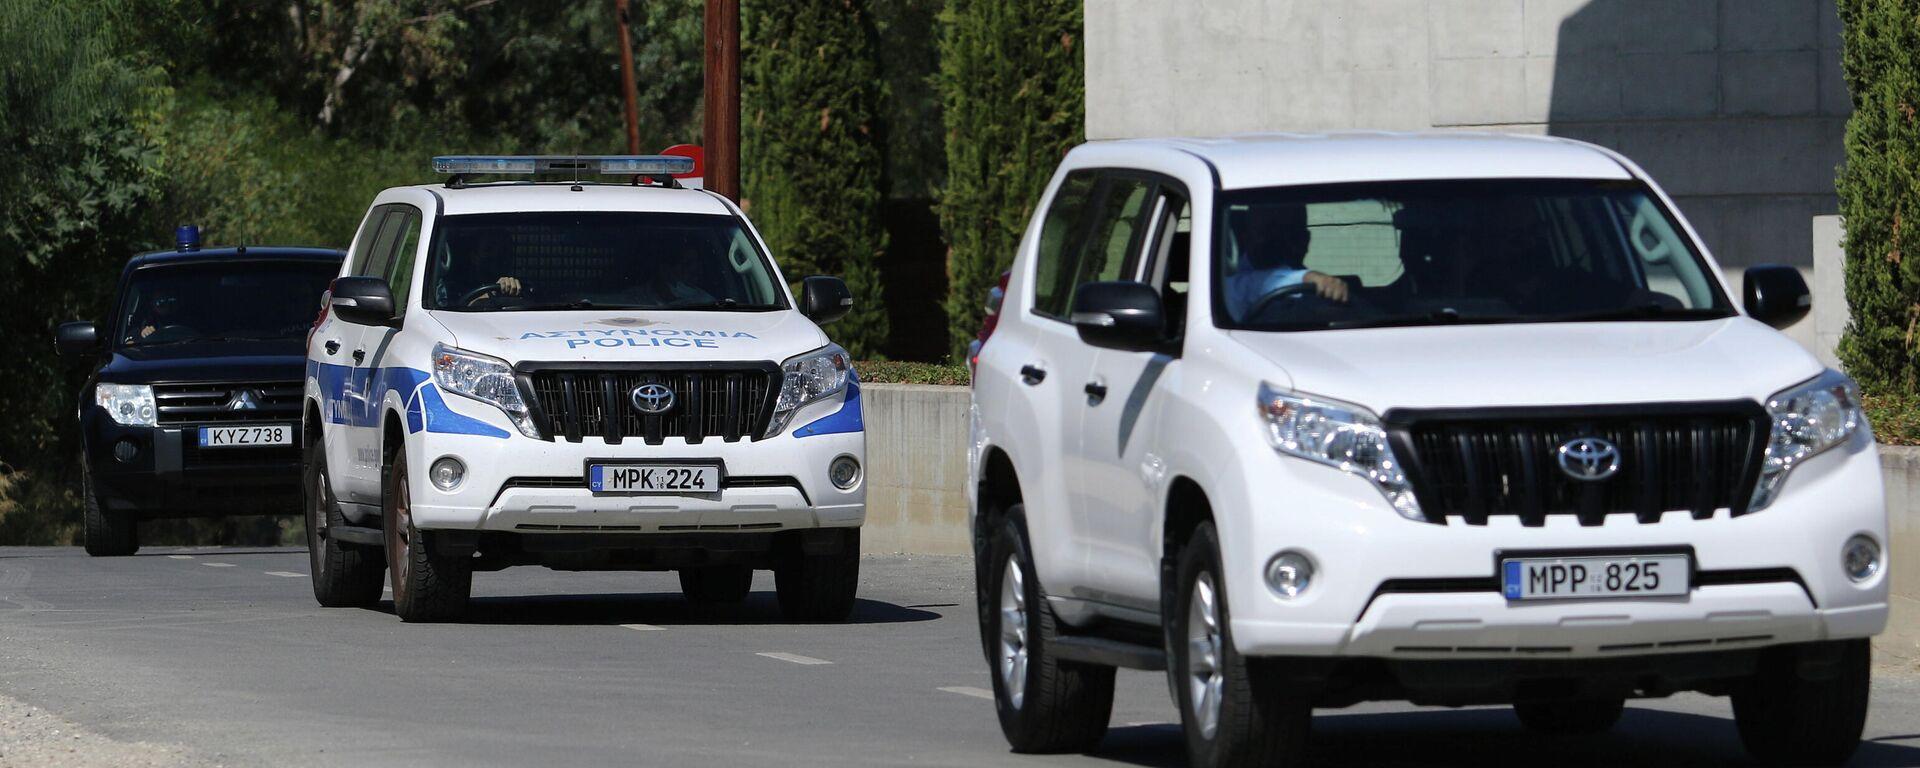 Los coches de Policía salen de un tribunal, donde se emitió una orden de prisión preventiva contra un hombre sospechoso de conspirar para asesinar a empresarios israelíes en Nicosia, Chipre, el 6 de octubre de 2021 - Sputnik Mundo, 1920, 07.10.2021